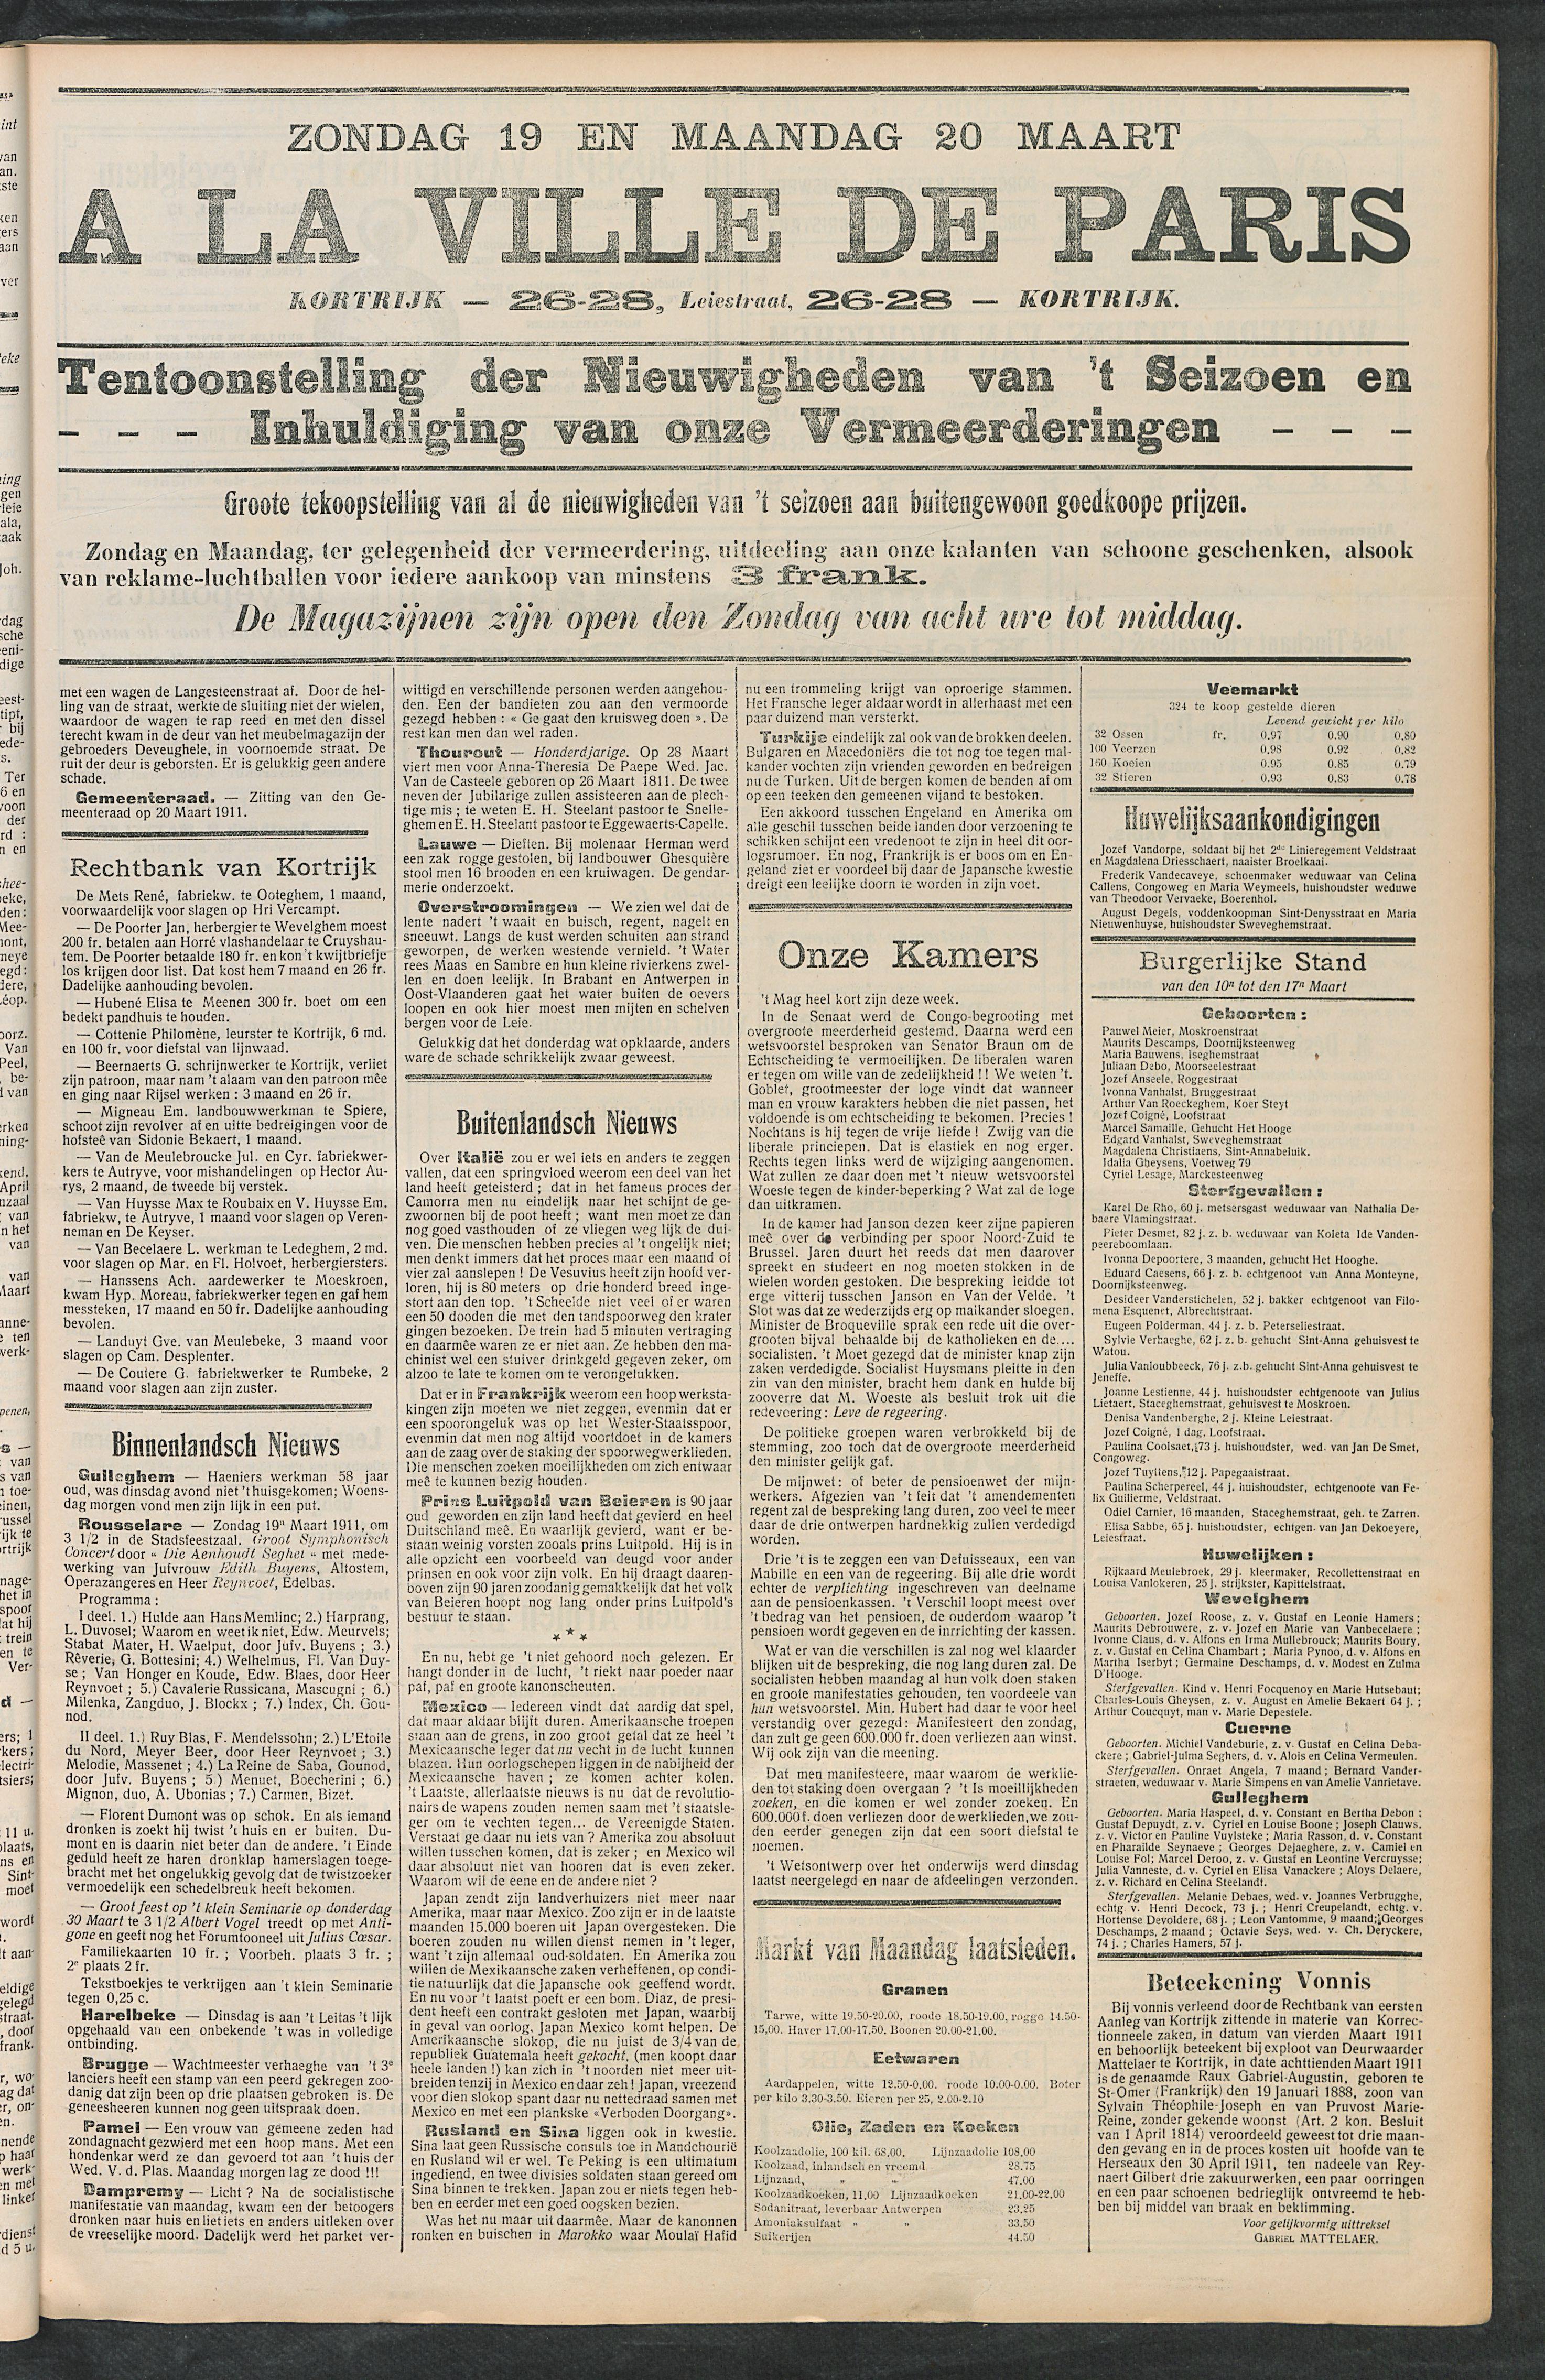 Het Kortrijksche Volk 1911-03-19 p3